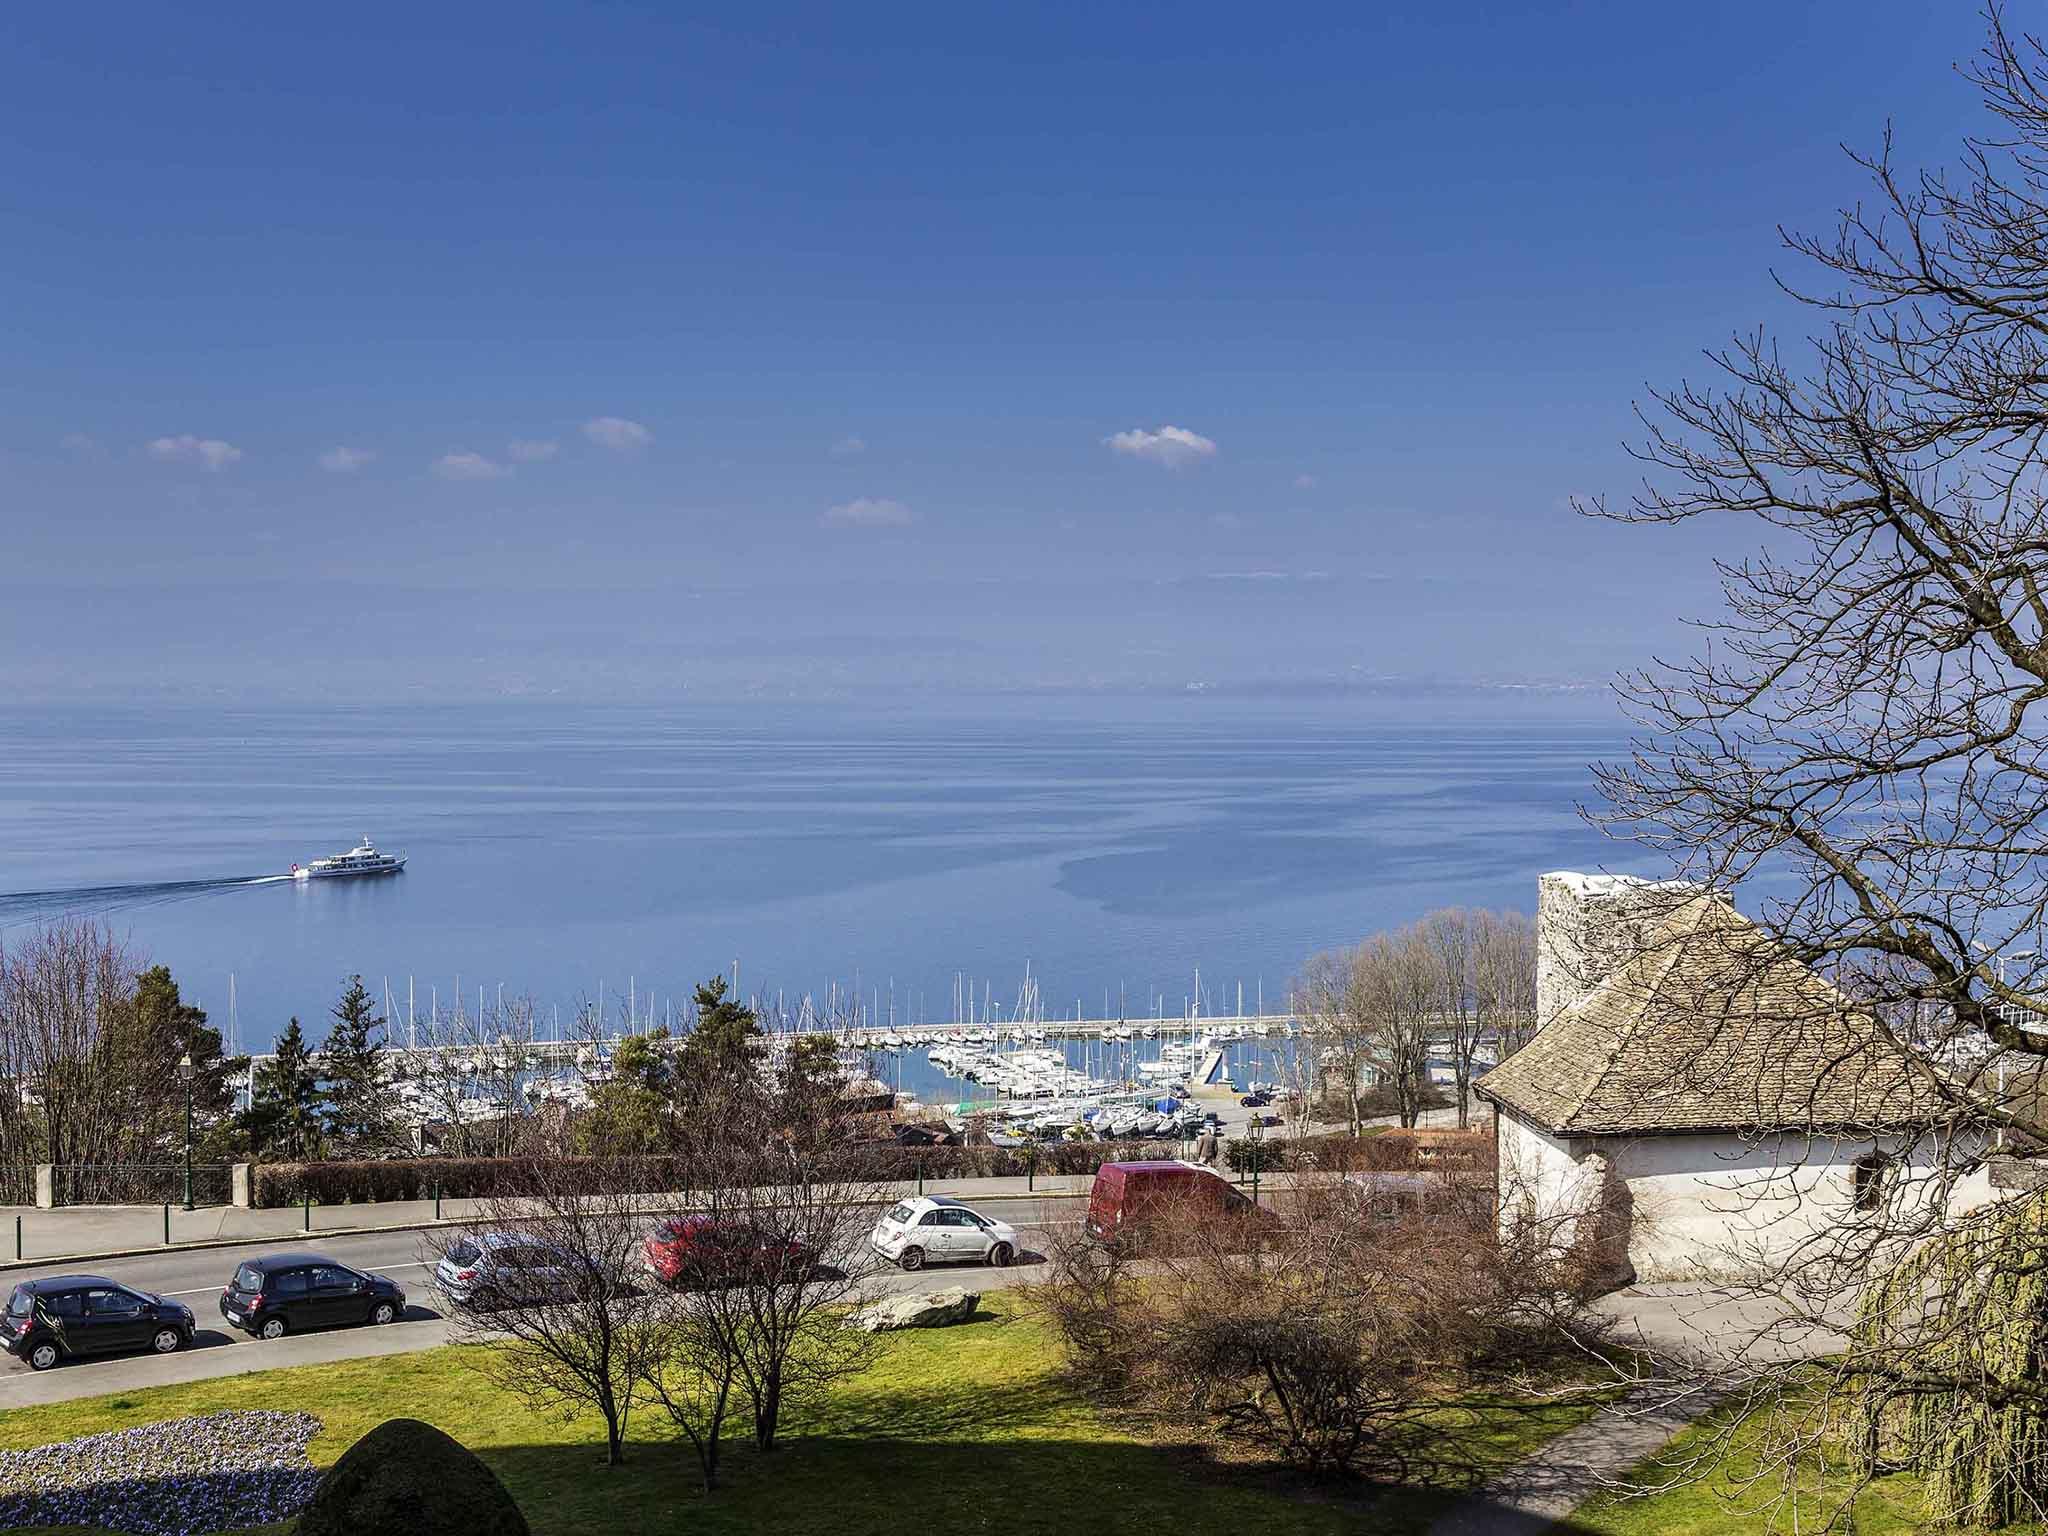 Hotel Ibis Evian Les Bains